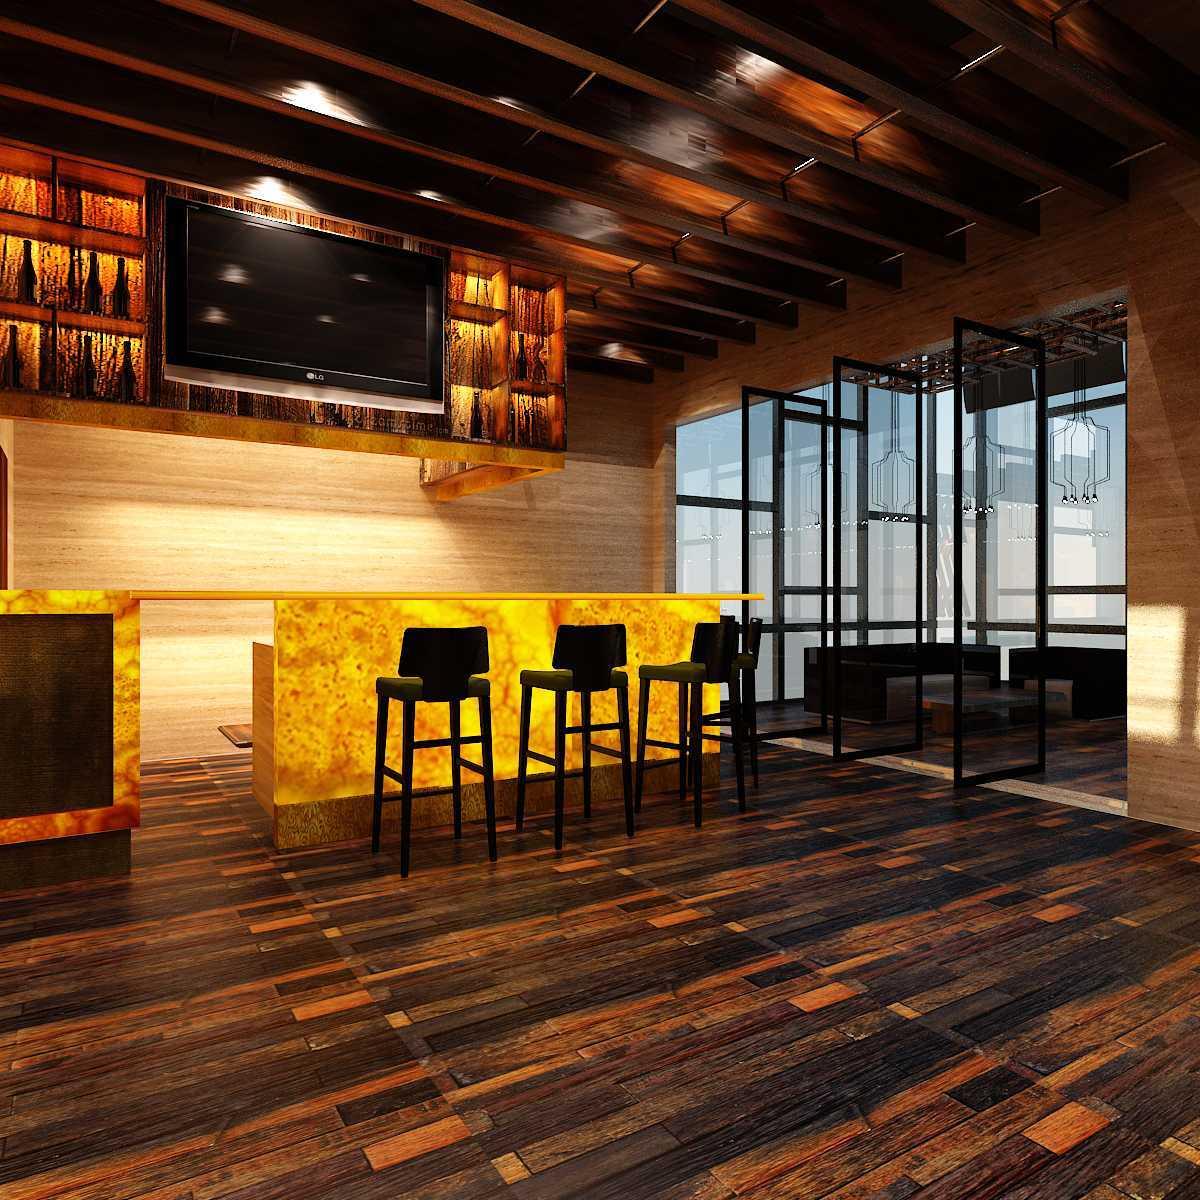 Pt Alradista Desain Indonesia Camar Lounge Pantai Indah Kapuk Pantai Indah Kapuk Bar Area  24231